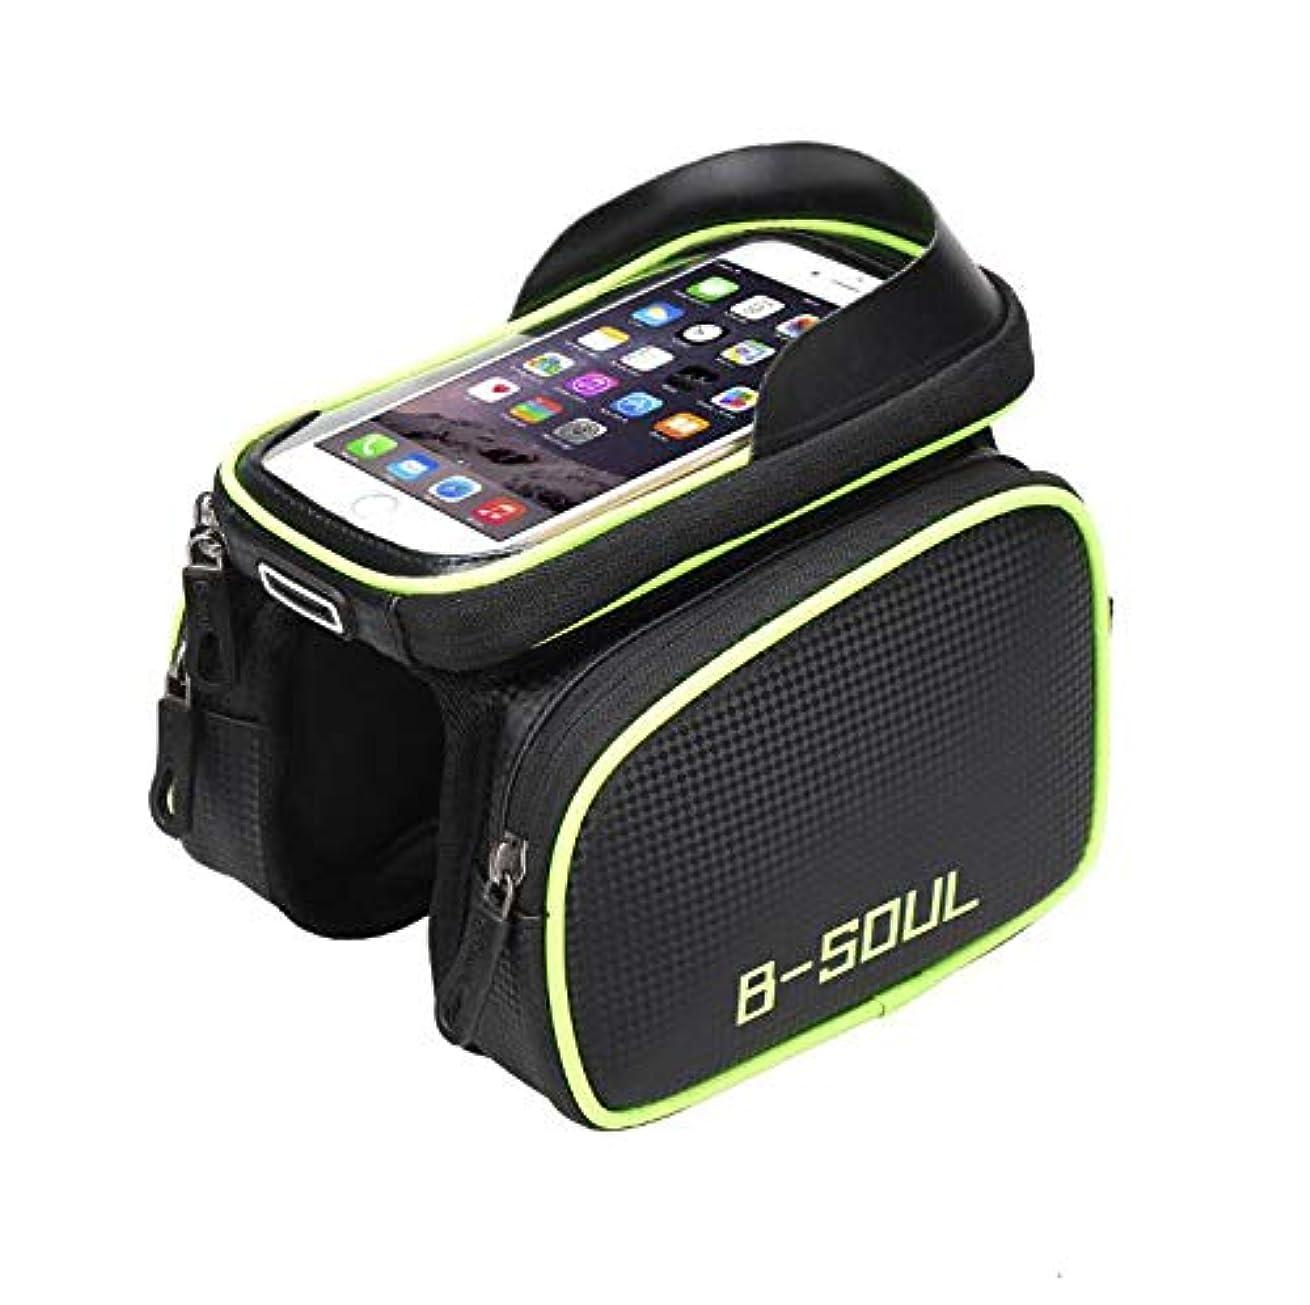 バラバラにする減少ベジタリアン自転車バッグ防水TPUタッチスクリーン6.2インチは、携帯電話のほとんどのモデルをサポートすることができます光遮断面, Black